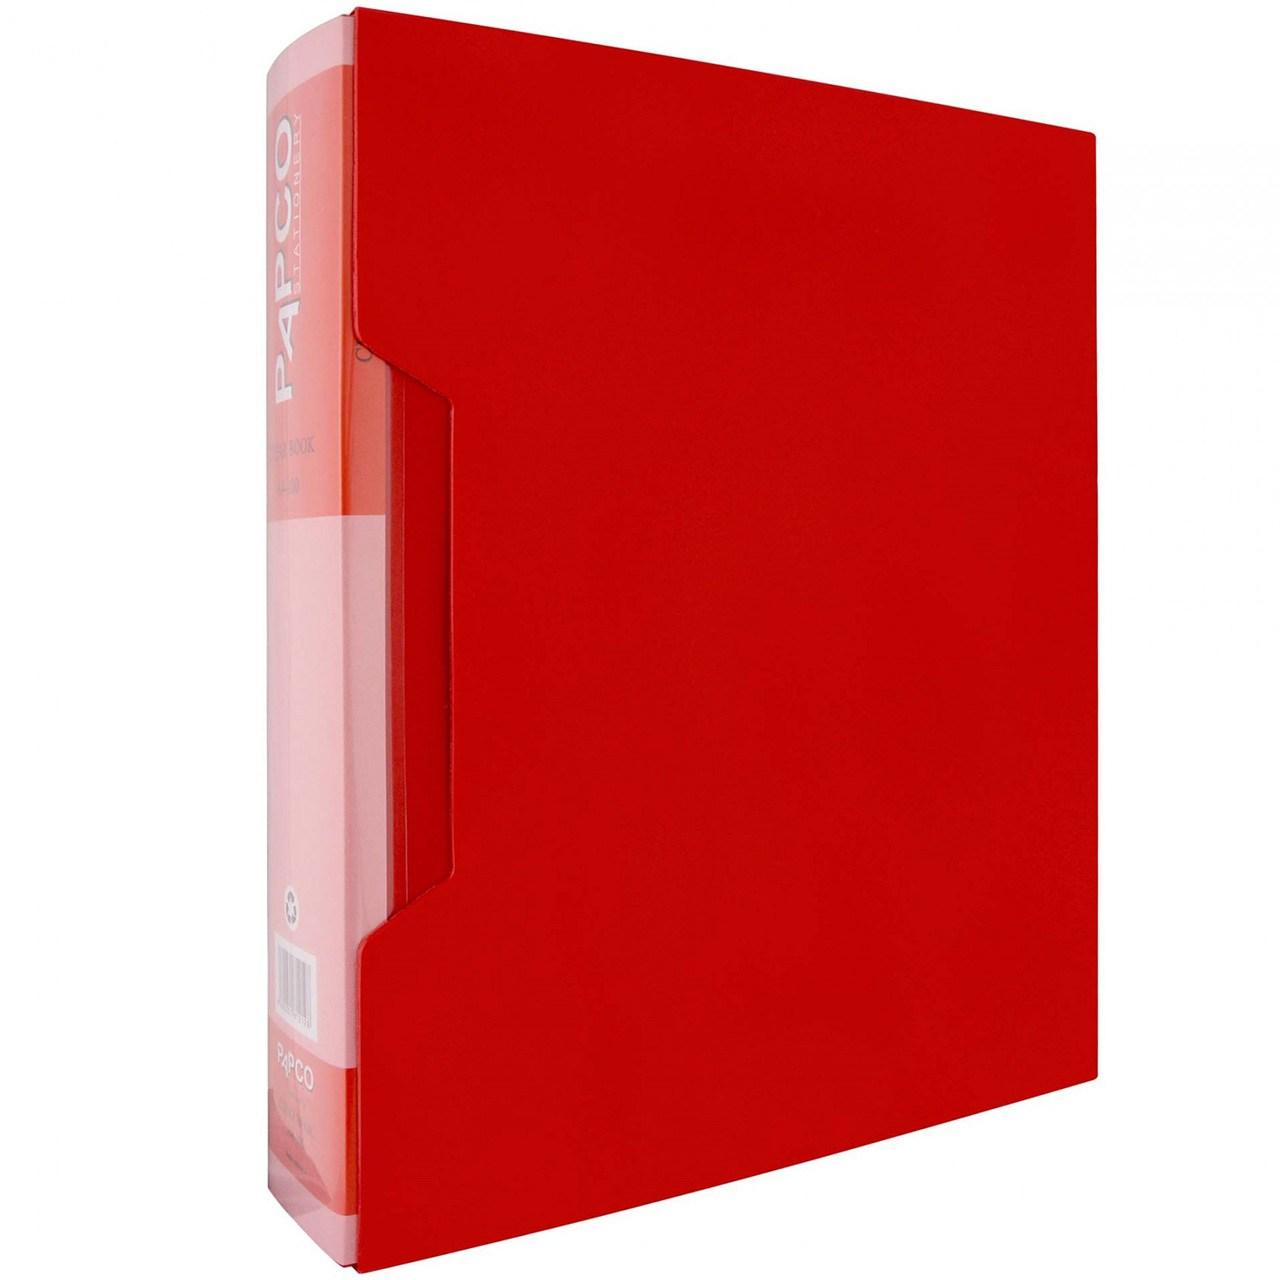 کلیر بوک 100 برگ پاپکو کد  A4-100 M